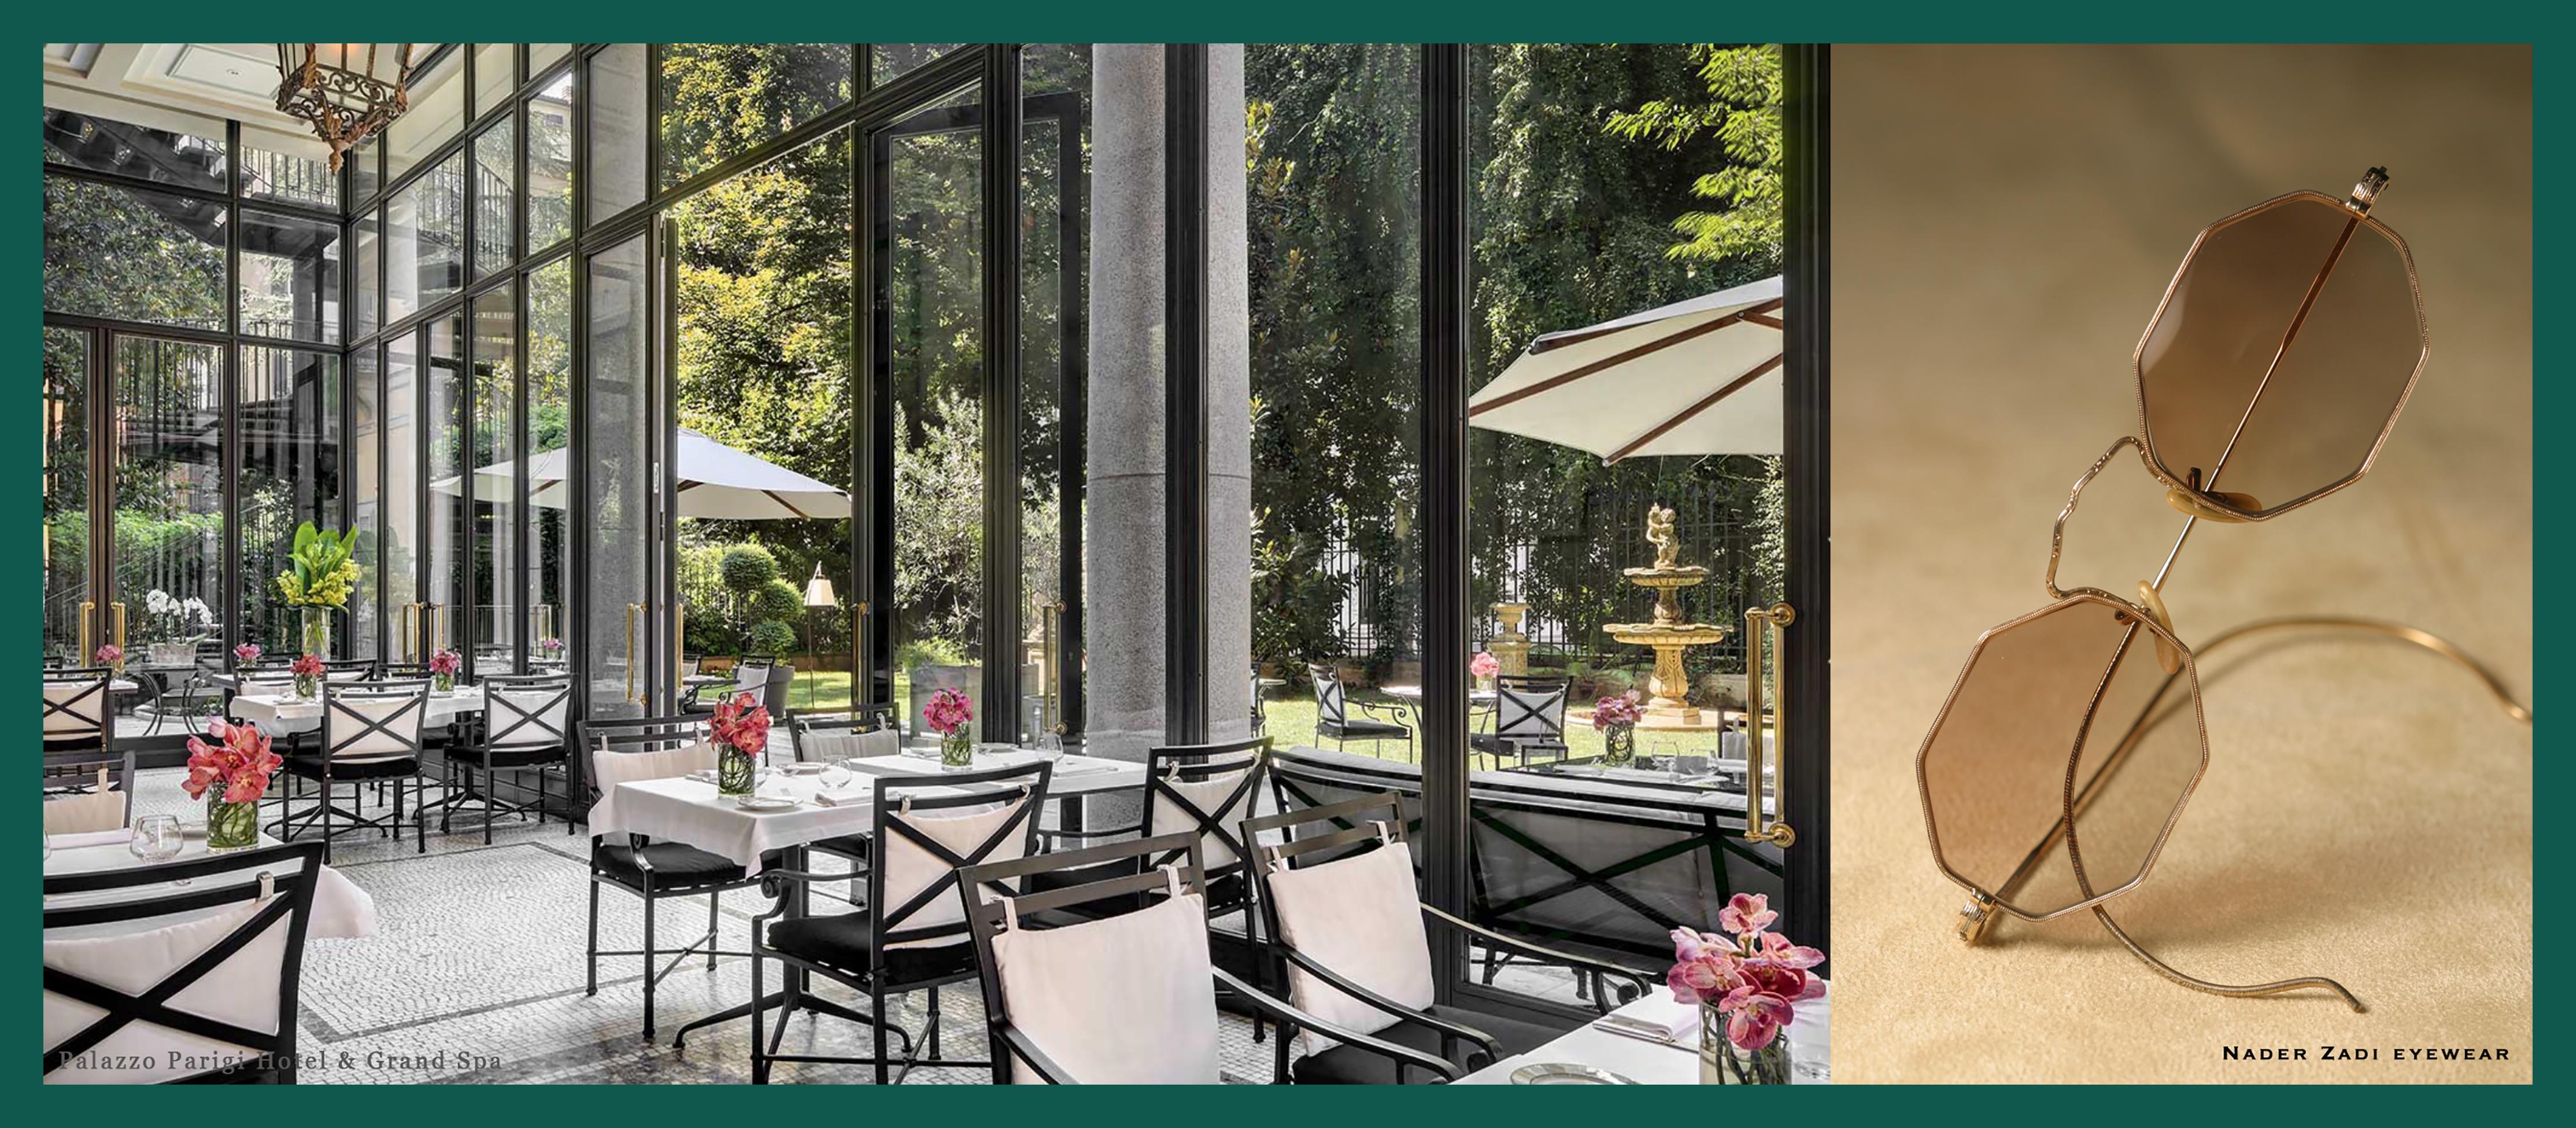 Post 7 - Milano, Italy